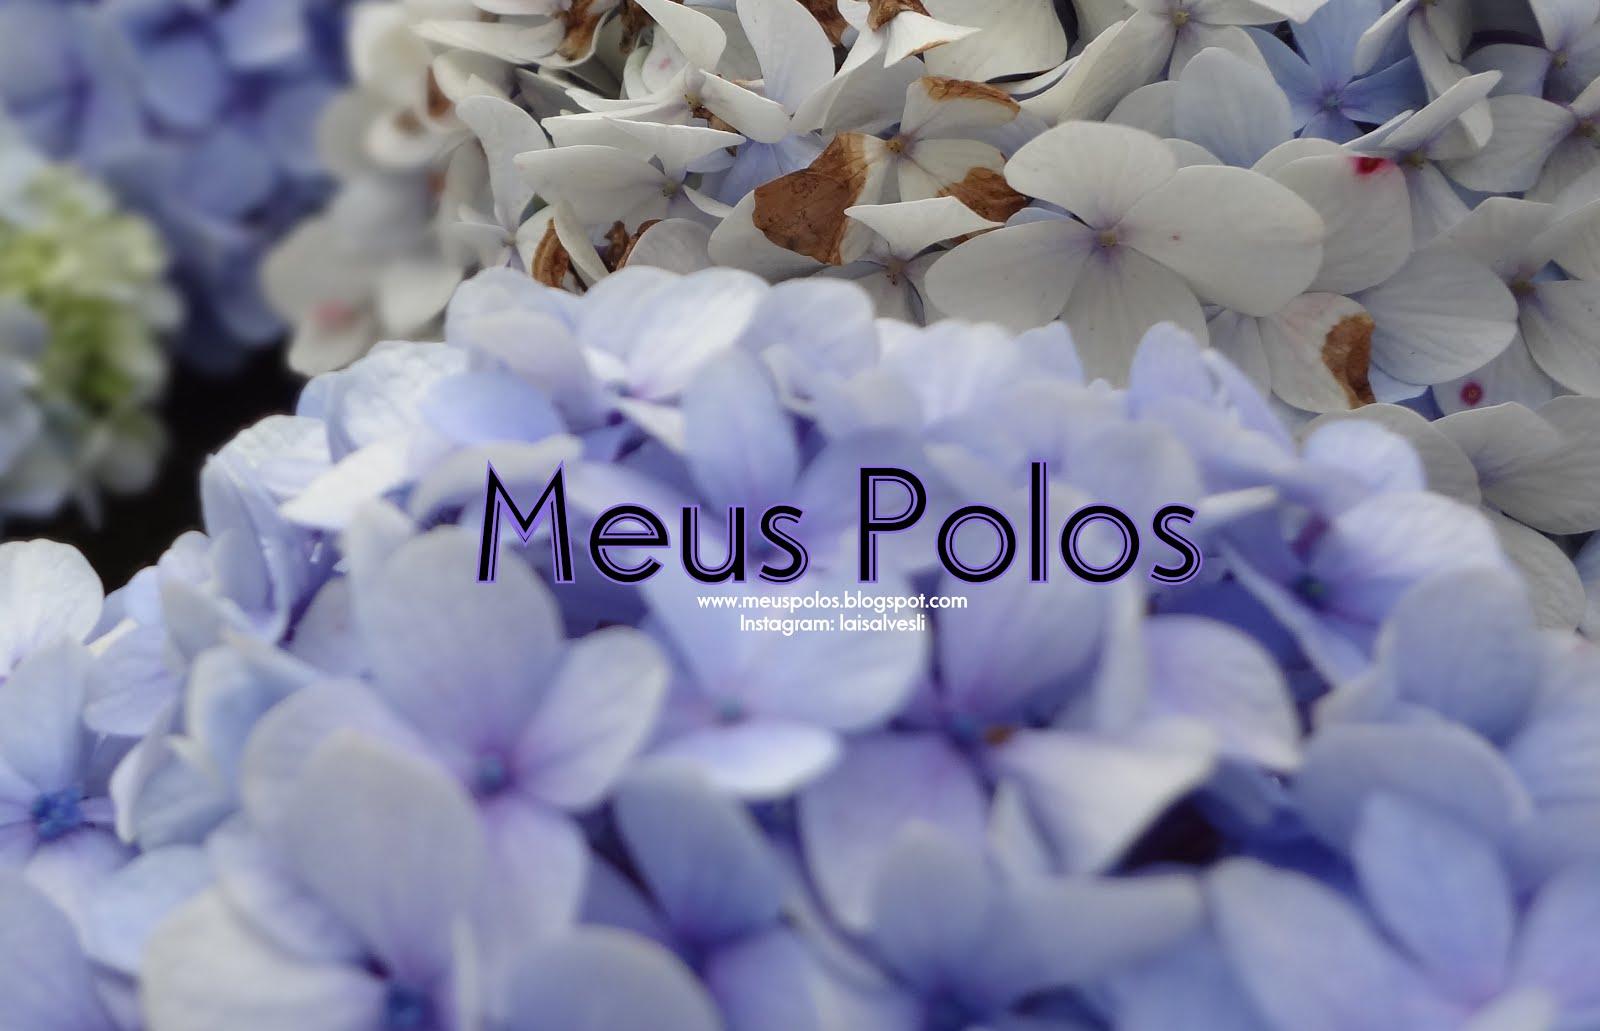 Meus Polos